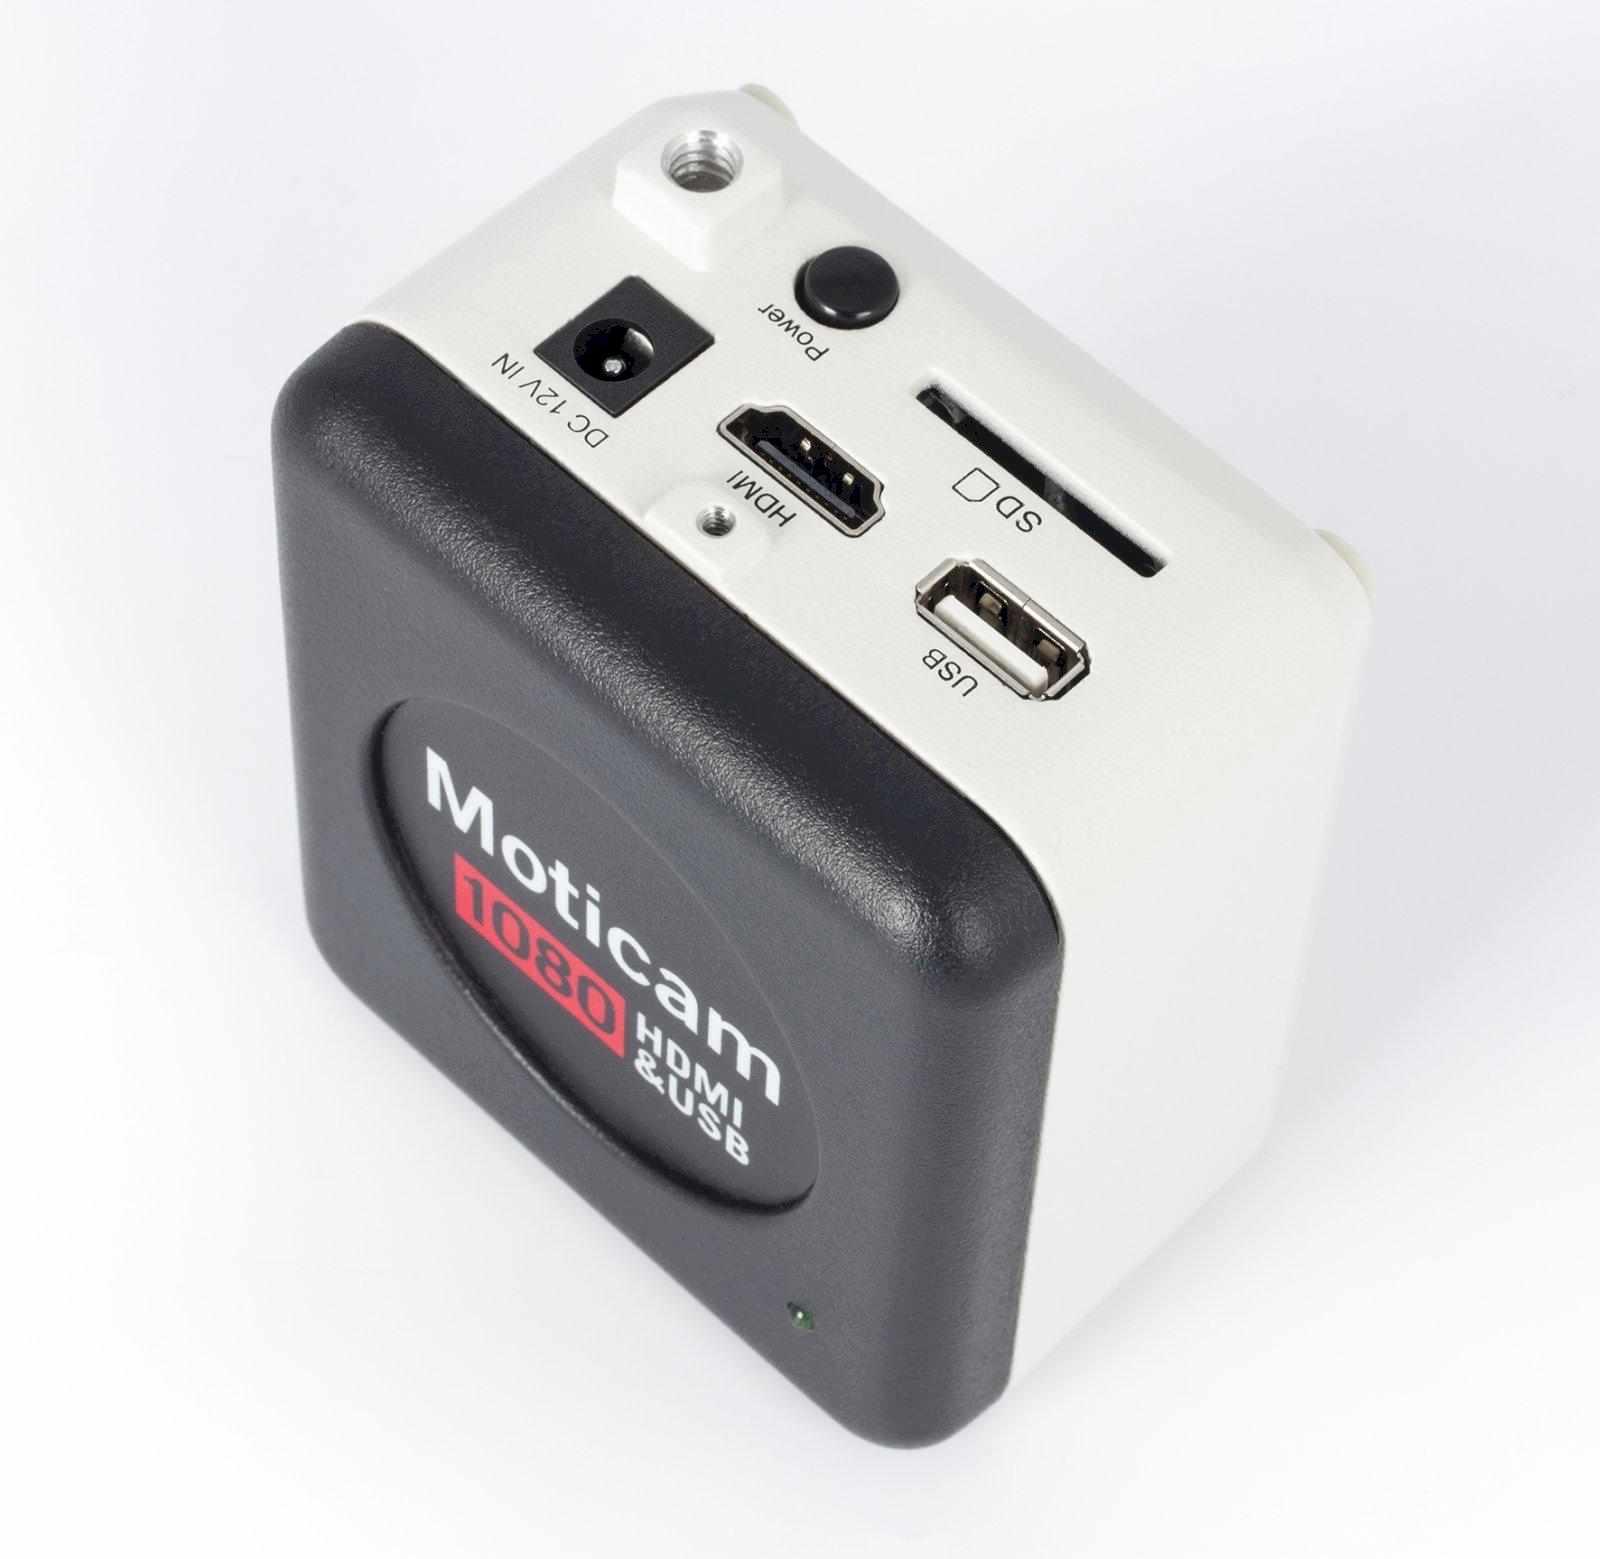 Videocamera Universale Microscopio Moticam 1080